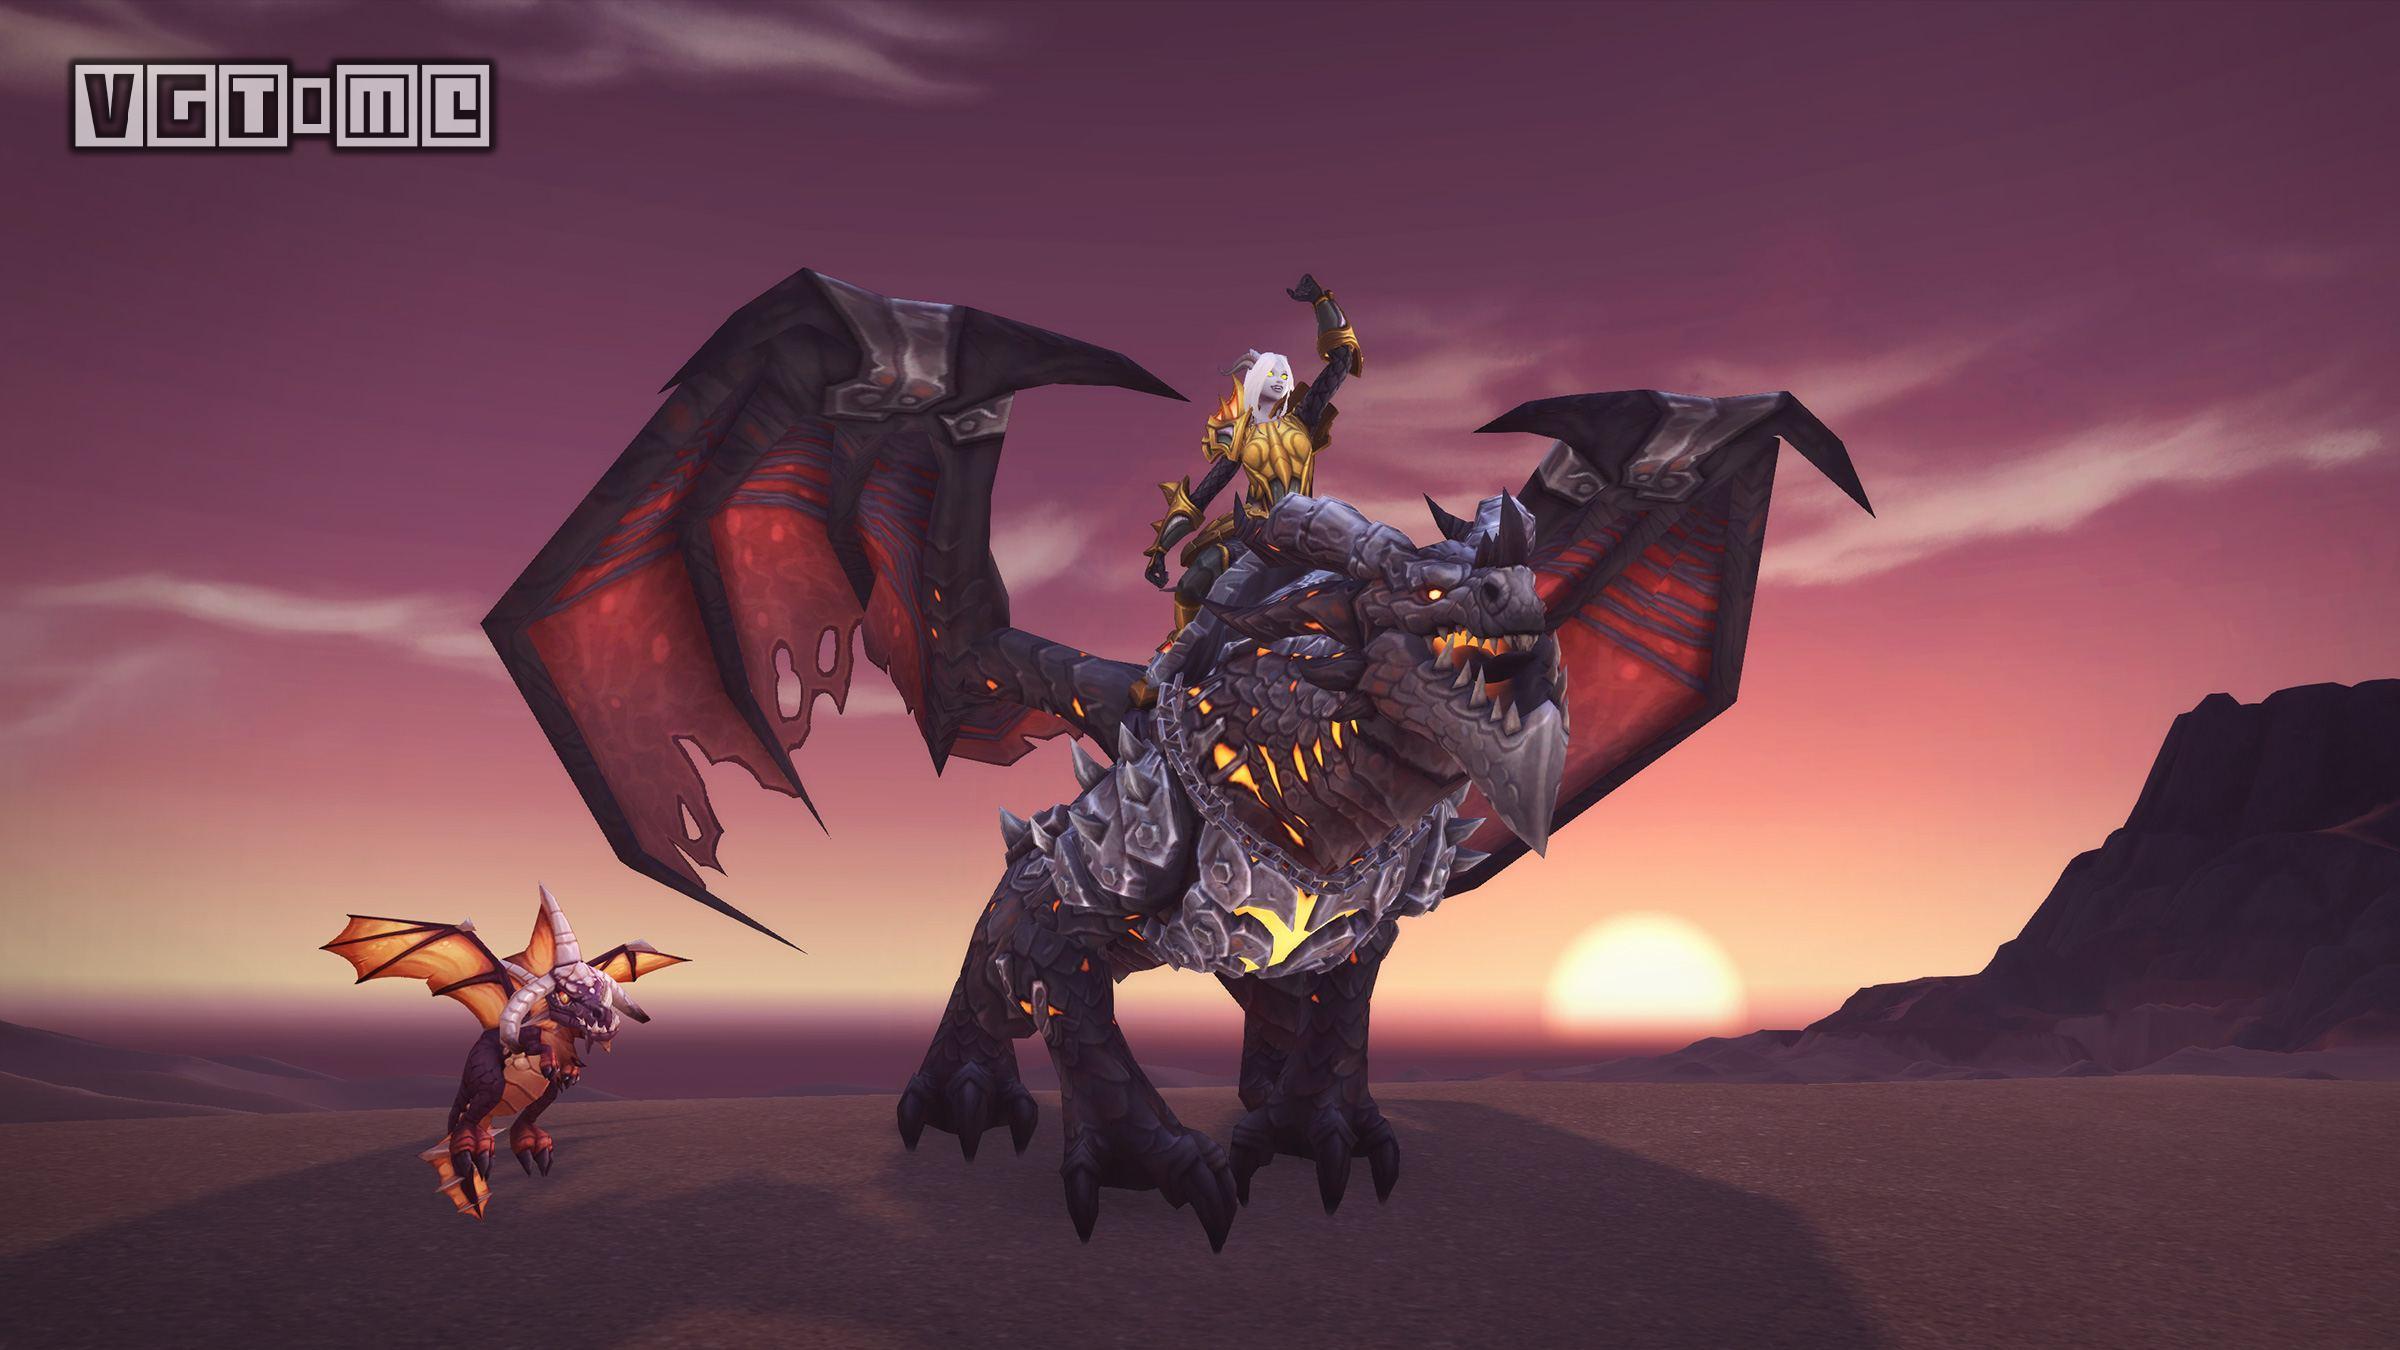 《魔兽世界》15周年活动开启,赢取死亡之翼坐骑